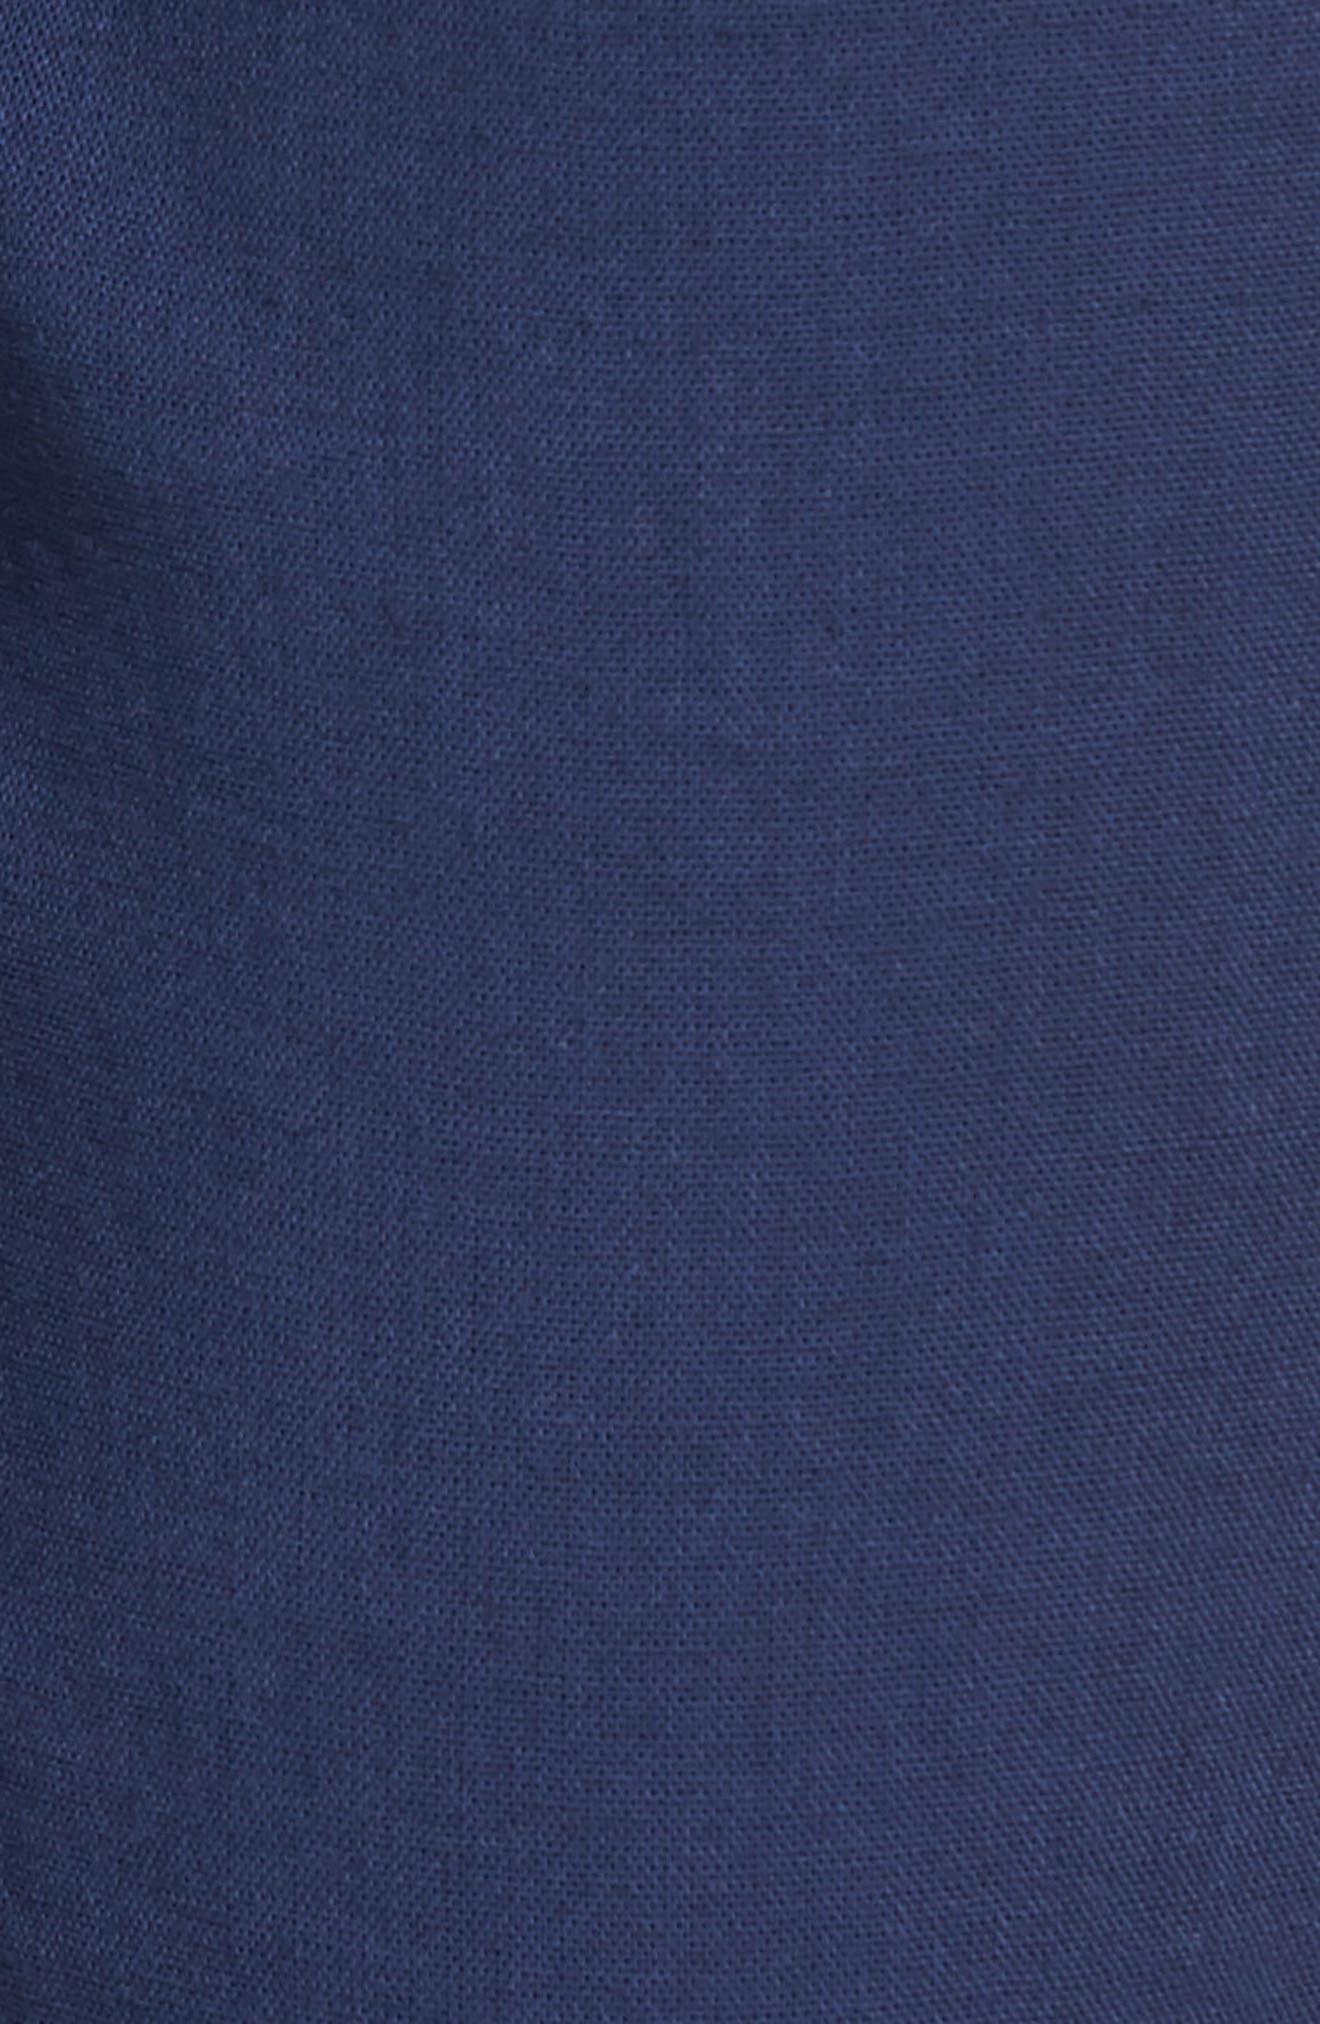 Alternate Image 5  - Splendid Double Cloth Cotton Pants